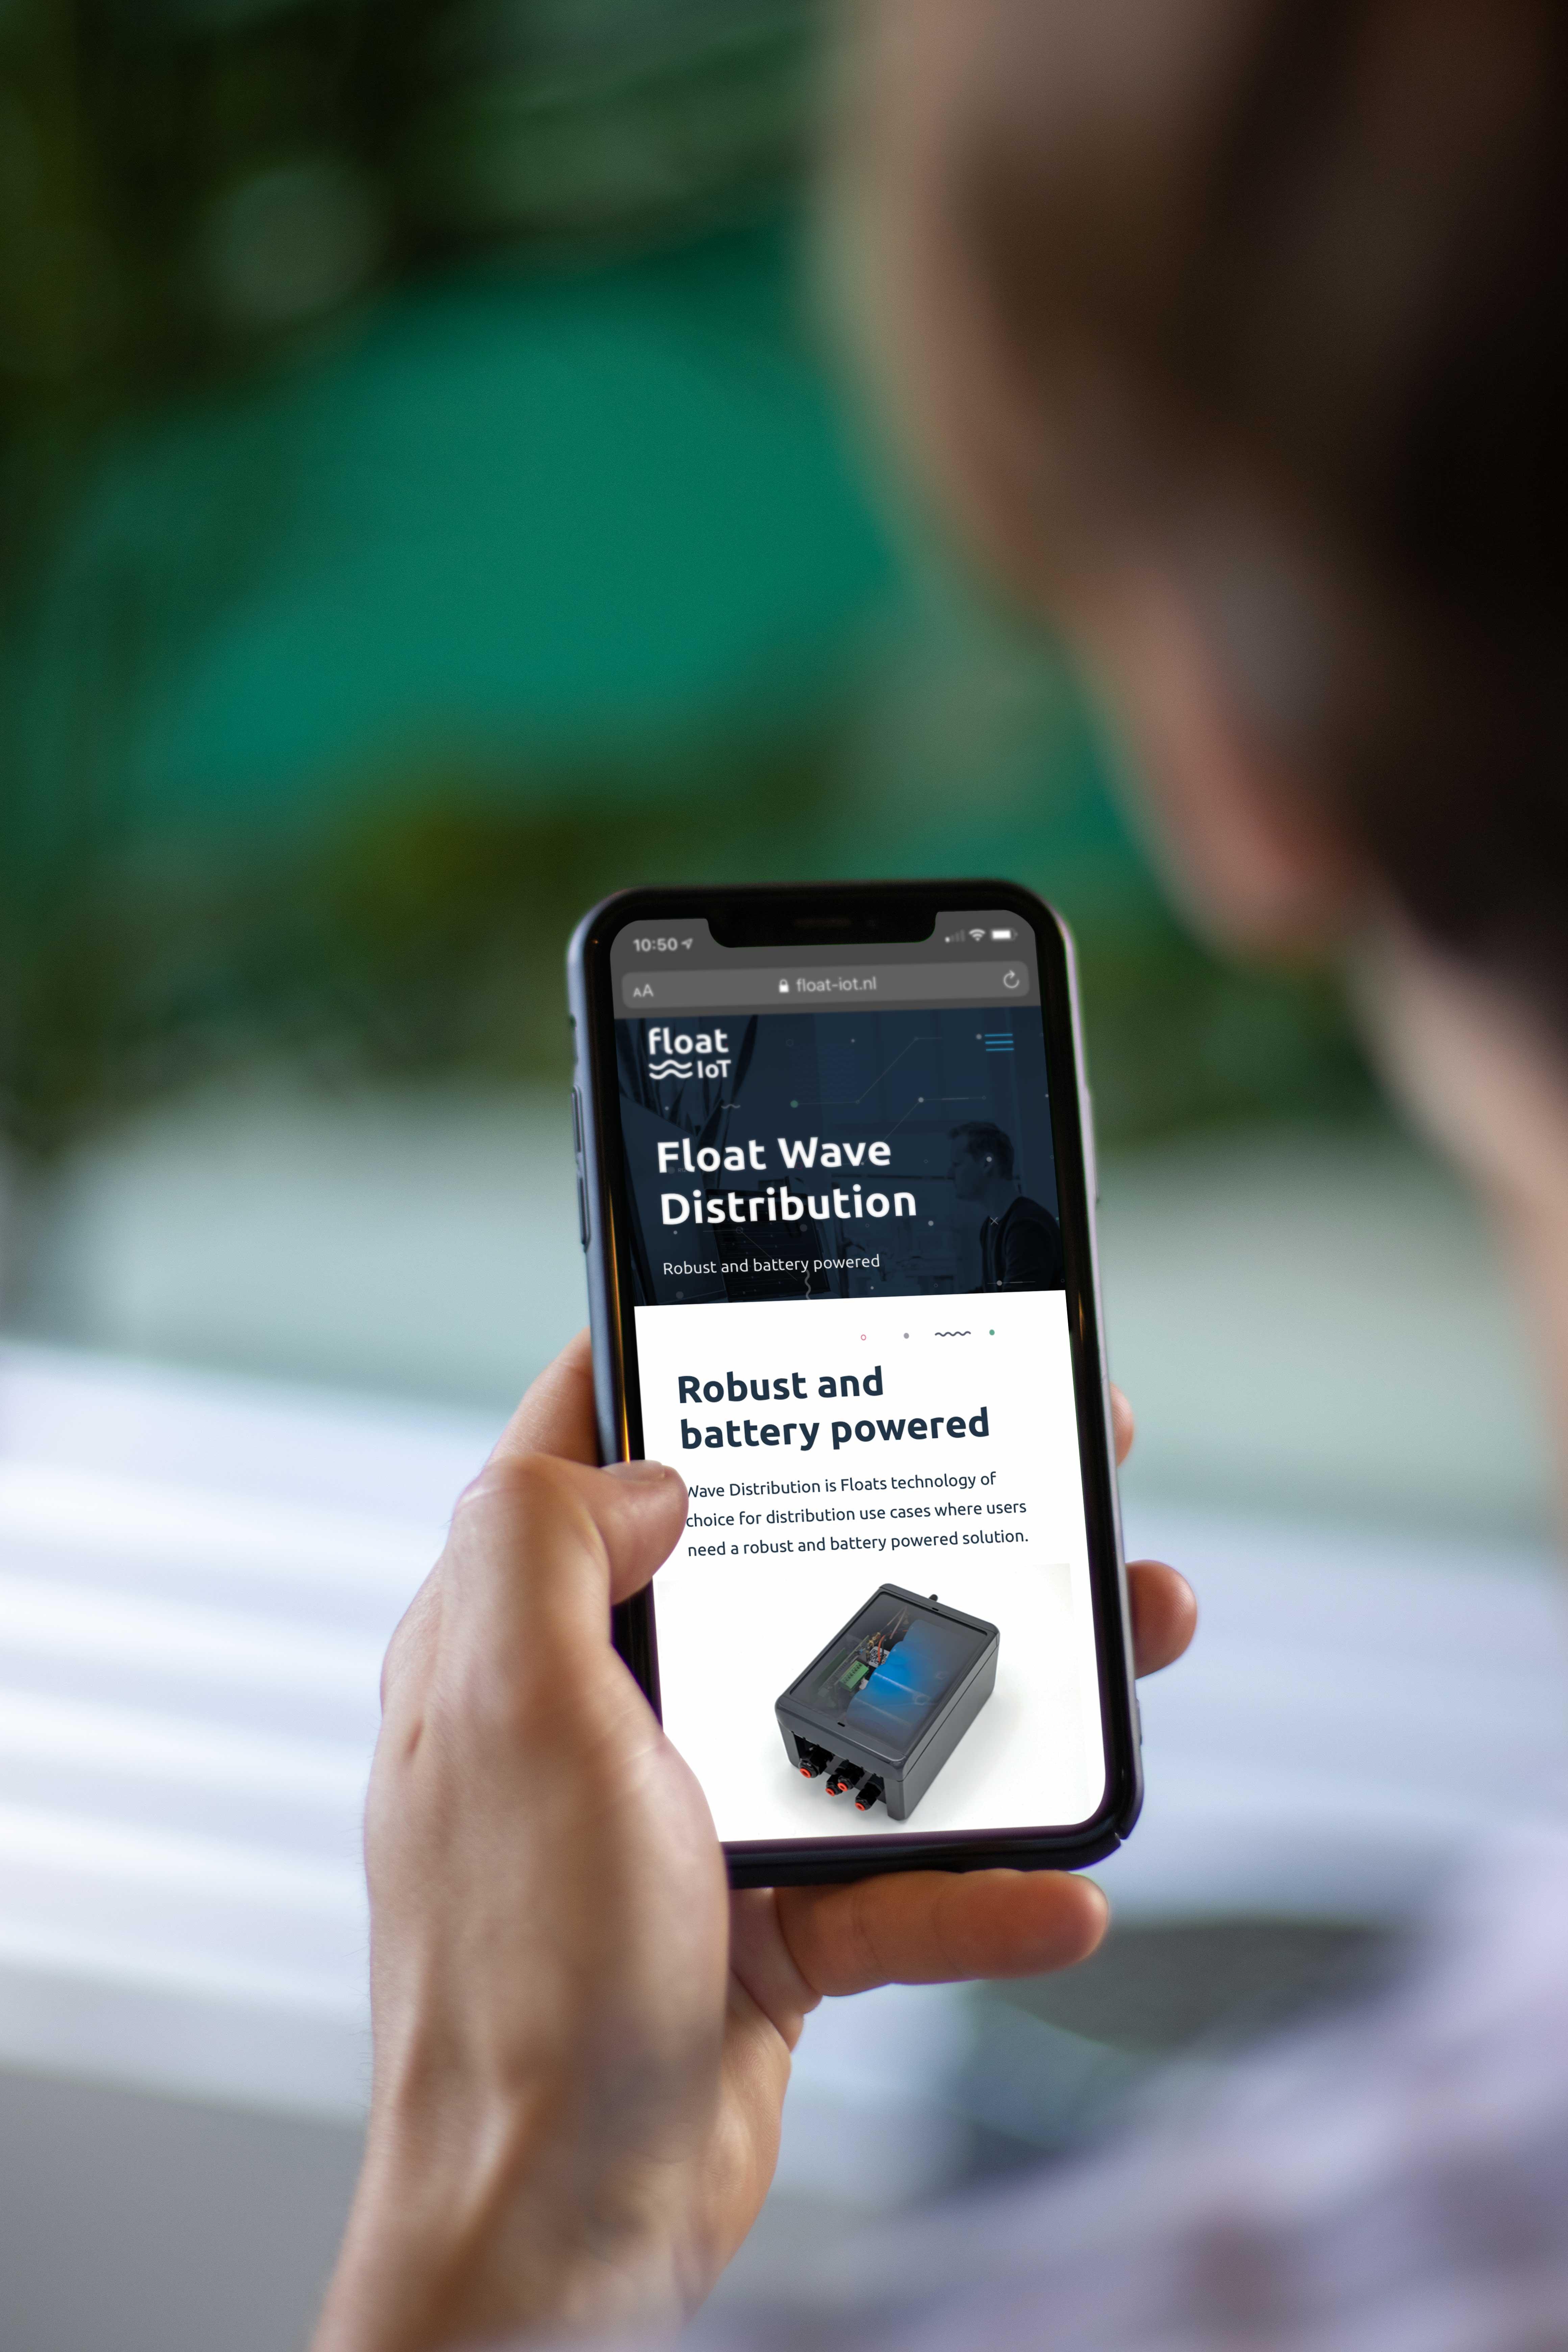 Float IoT responsive website mockup